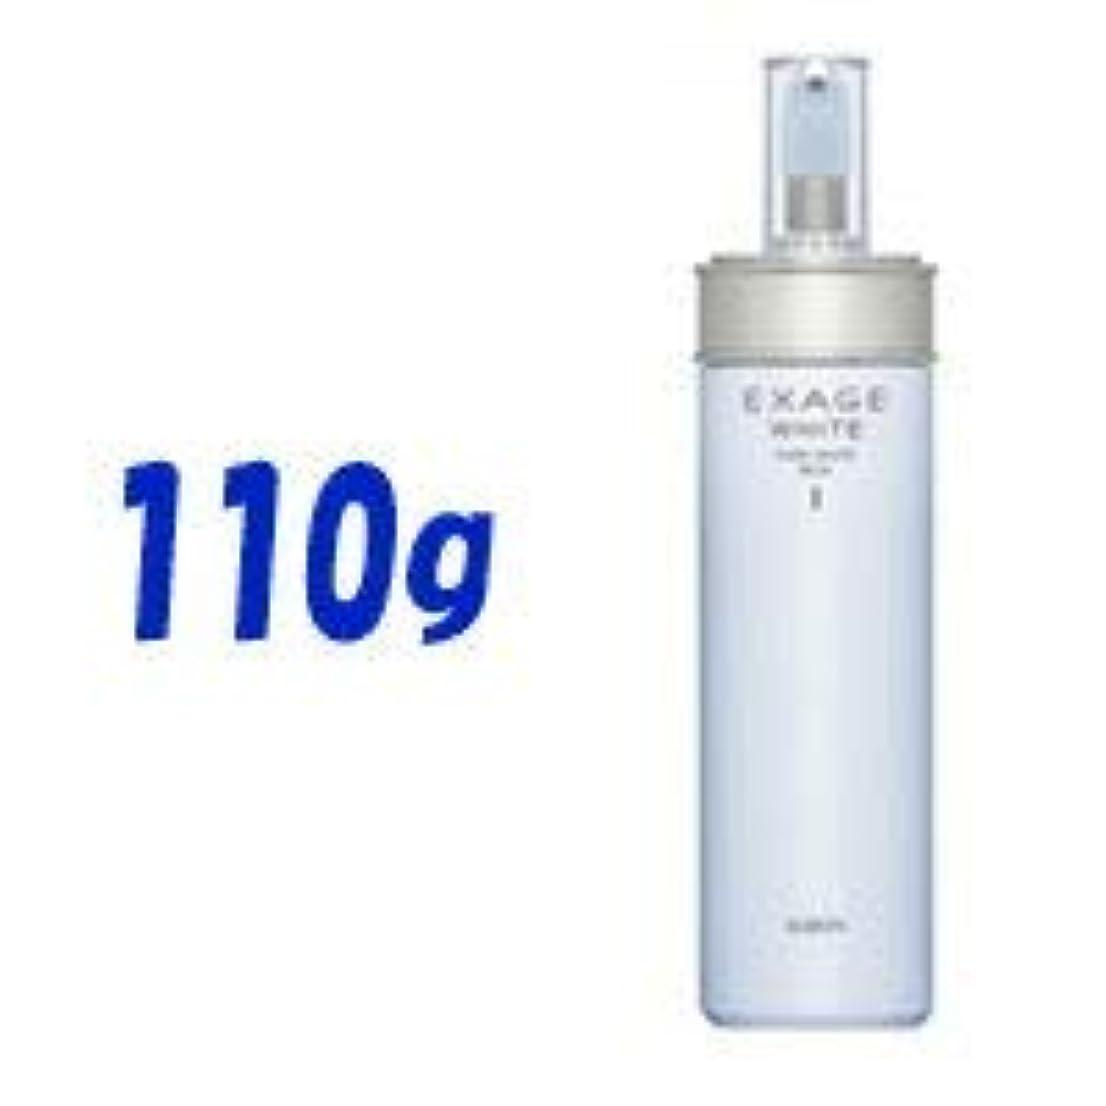 入手します経度頭痛アルビオン エクサージュ ホワイトピュアホワイトミルク(1) 110g